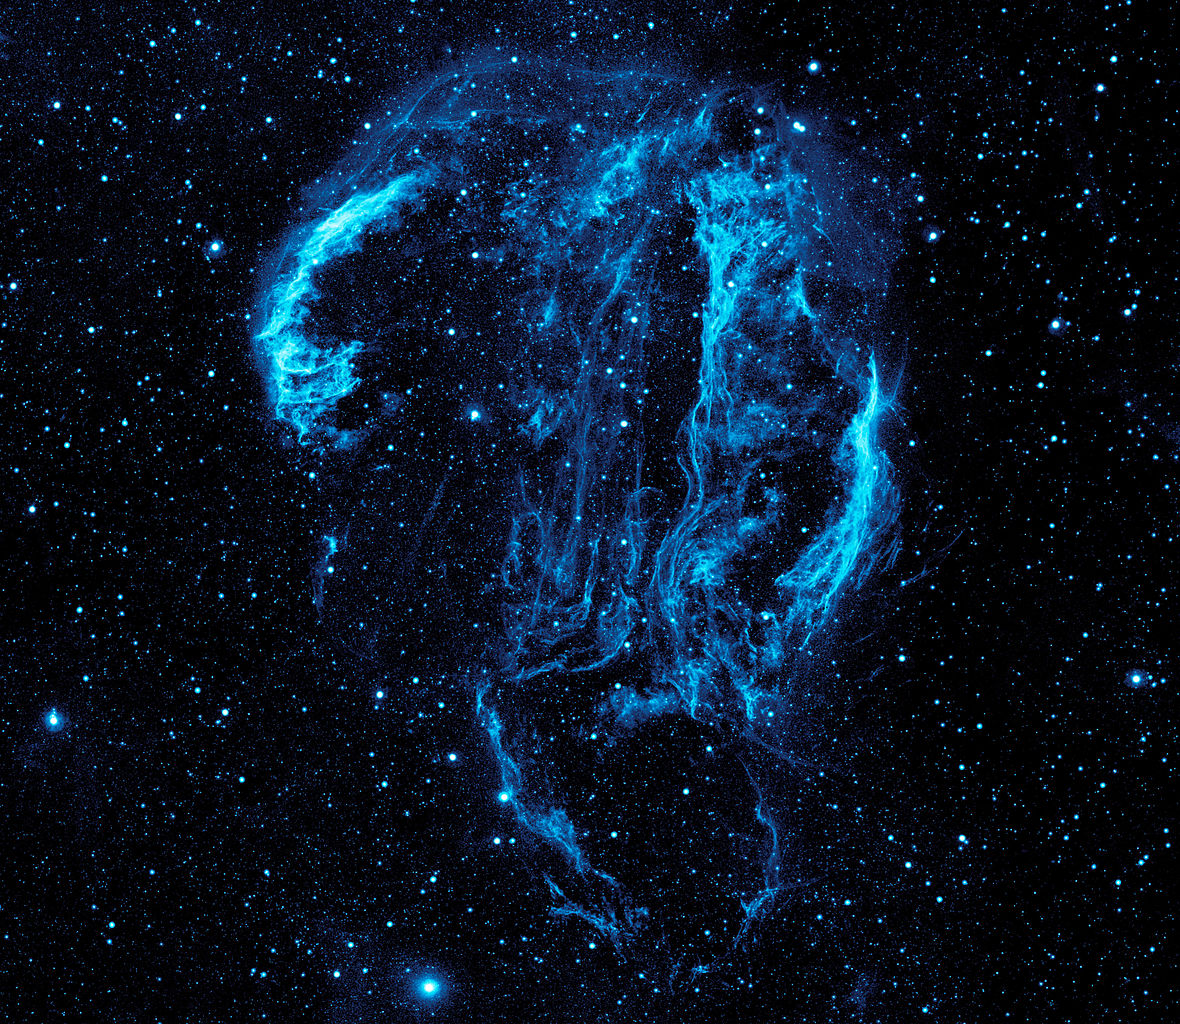 宇宙 超高画質の宇宙が美しすぎると話題に 感動 宇宙 物理2chまとめ